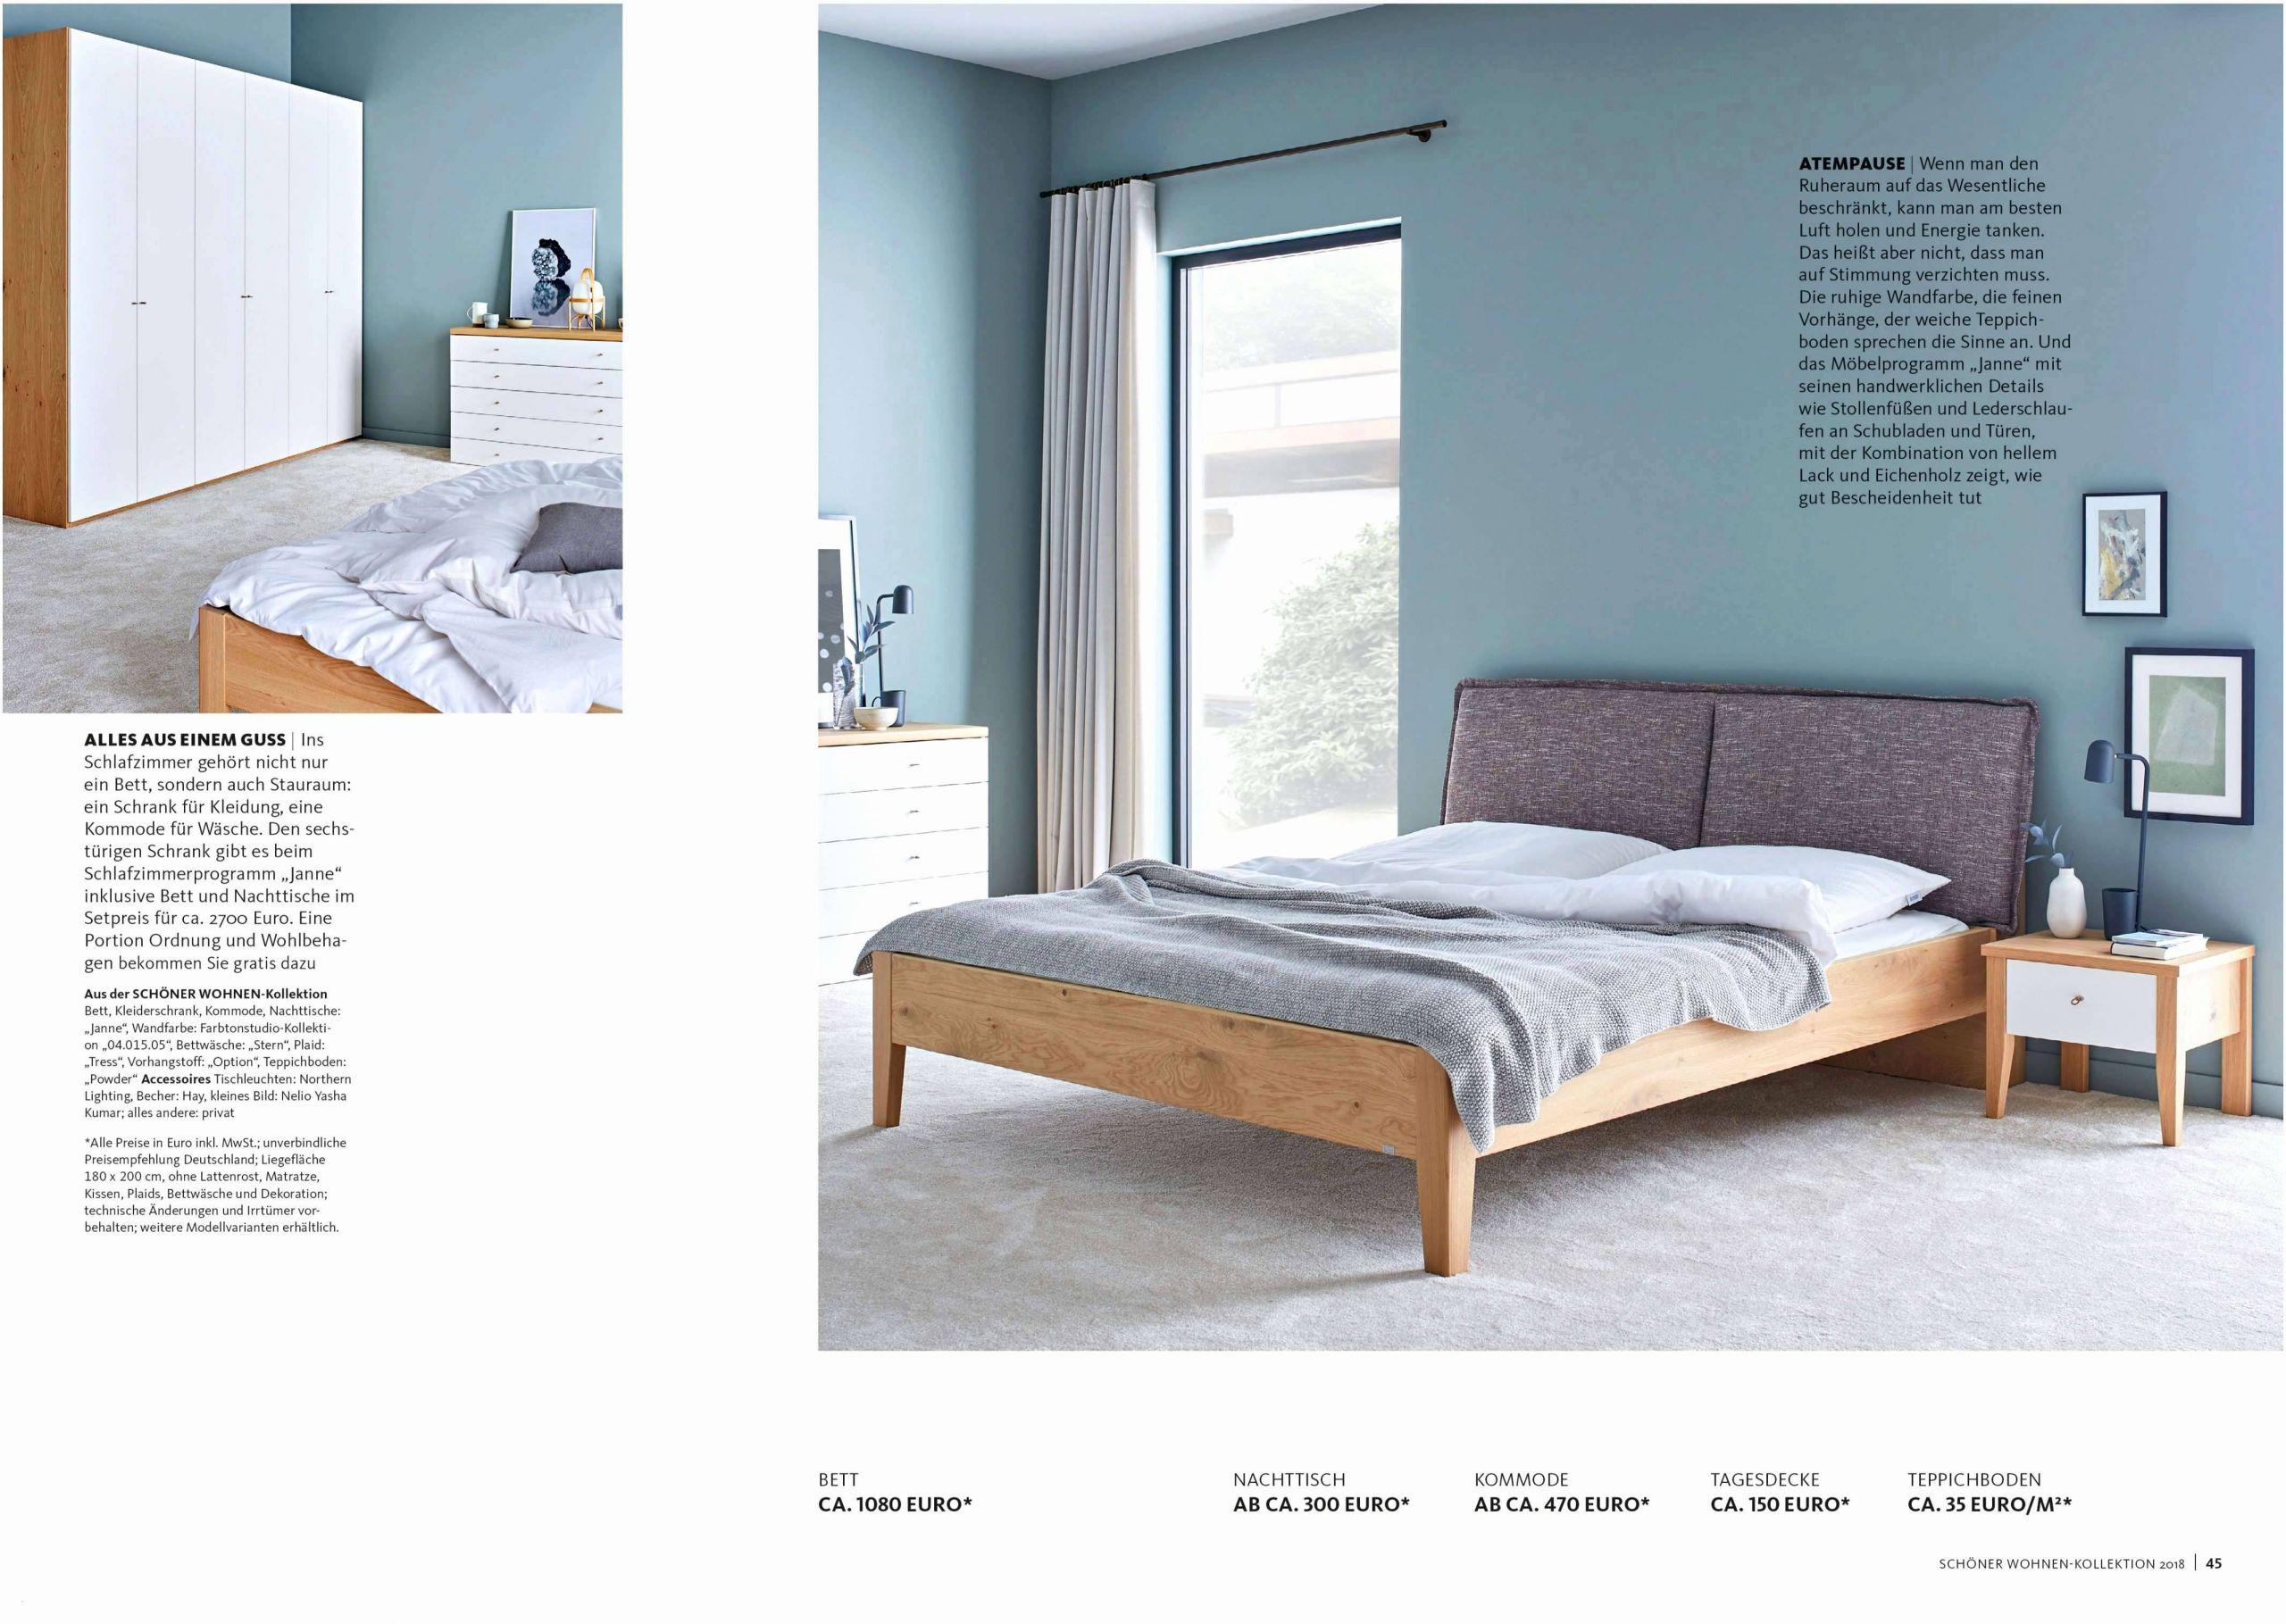 dachgeschoss wohnzimmer design beautiful 48 einzigartig fenster deko ideen bilder of dachgeschoss wohnzimmer design